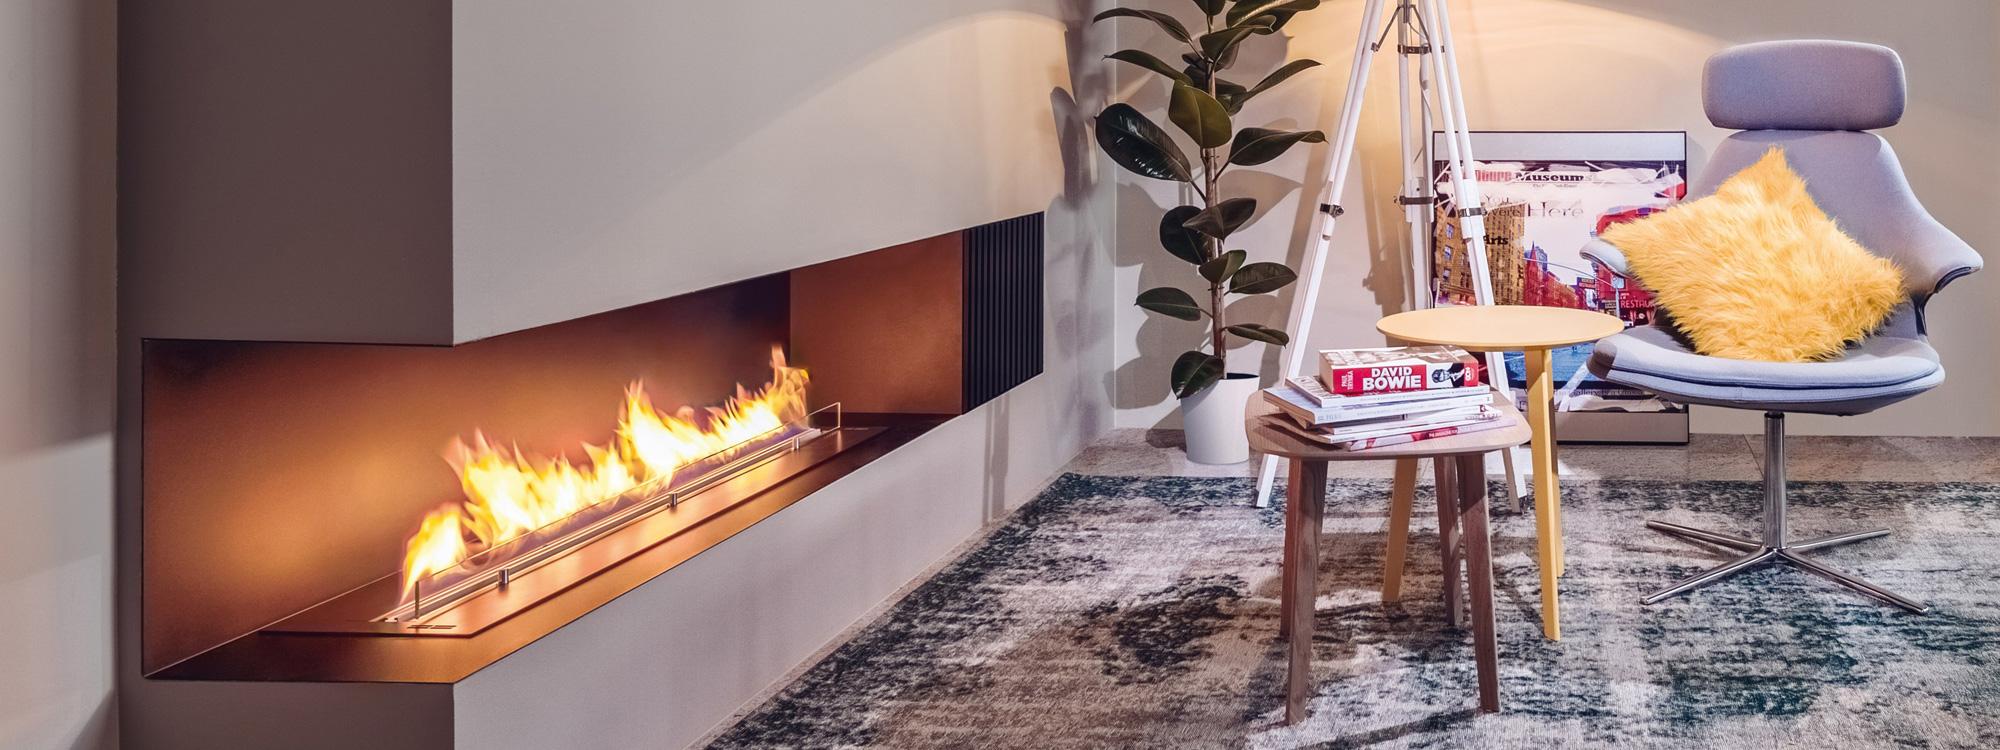 ethanol kamine innovative l sungen smart home ml. Black Bedroom Furniture Sets. Home Design Ideas